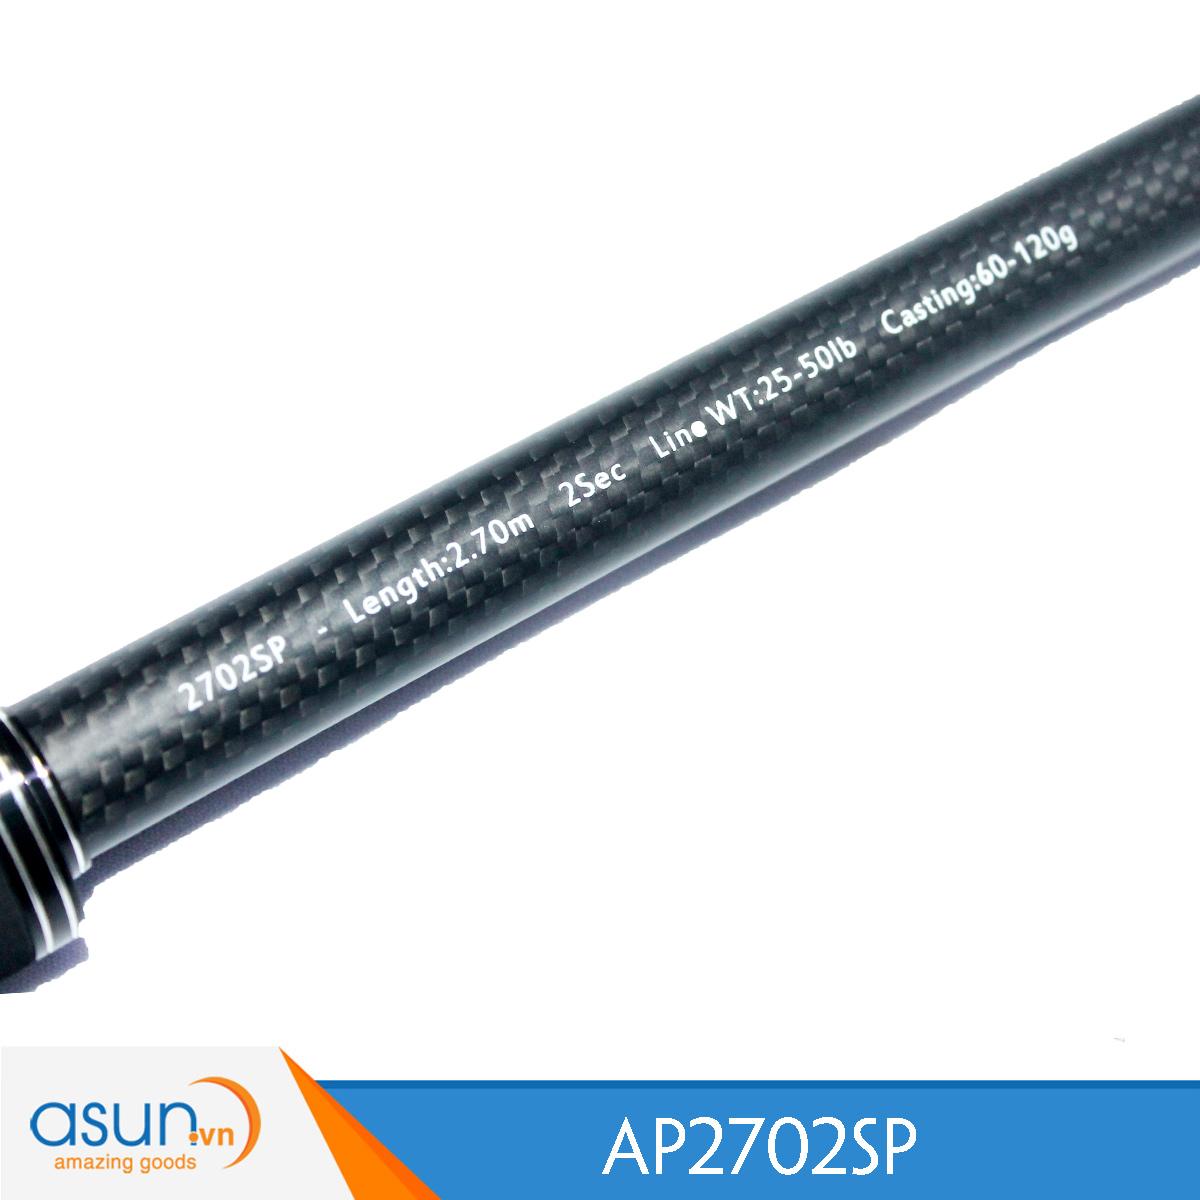 Cần Câu Máy Hai Khúc Ashino Pro Tamba 2m7 - Chính Hãng - Carbon AP2702SP